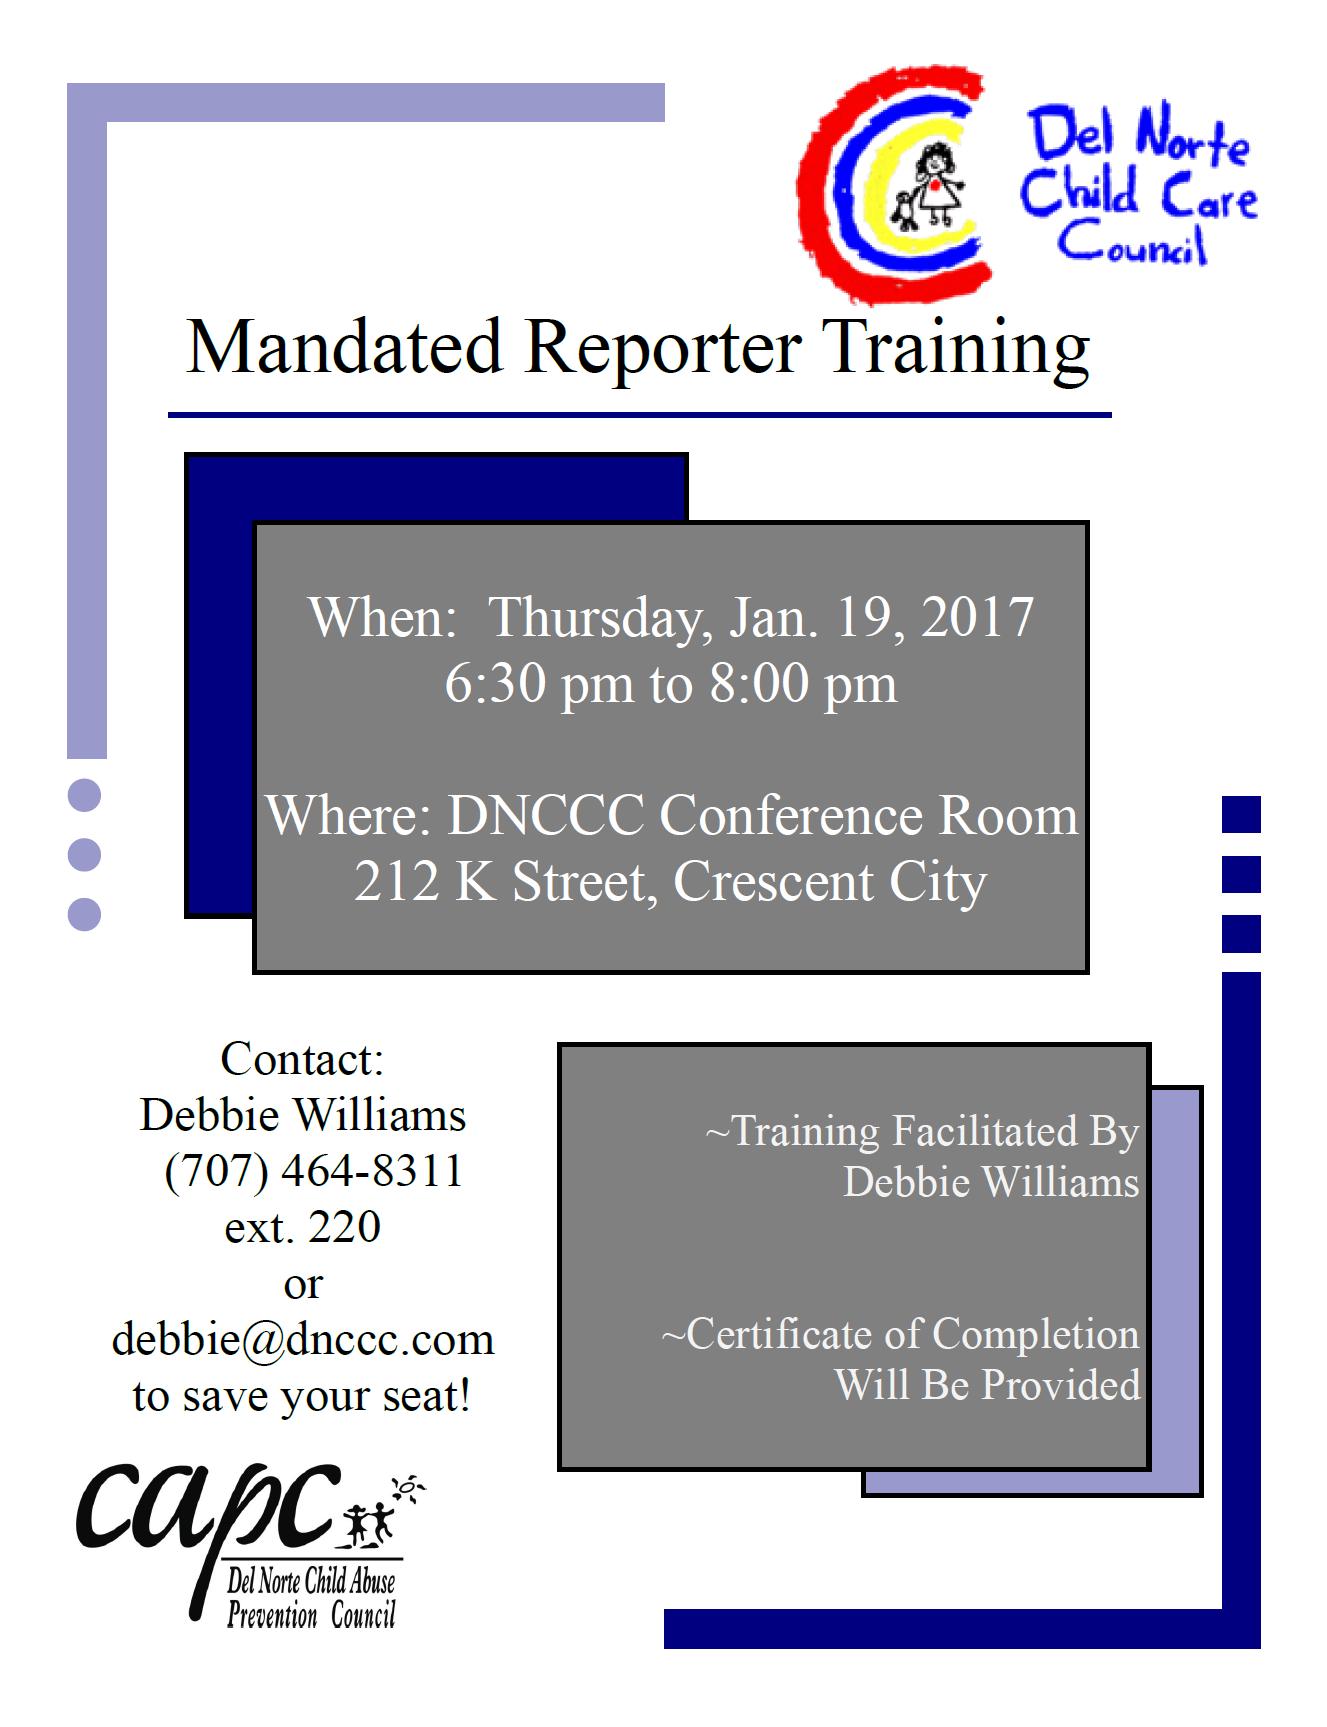 Mandated Reporter Del Norte Child Care Council